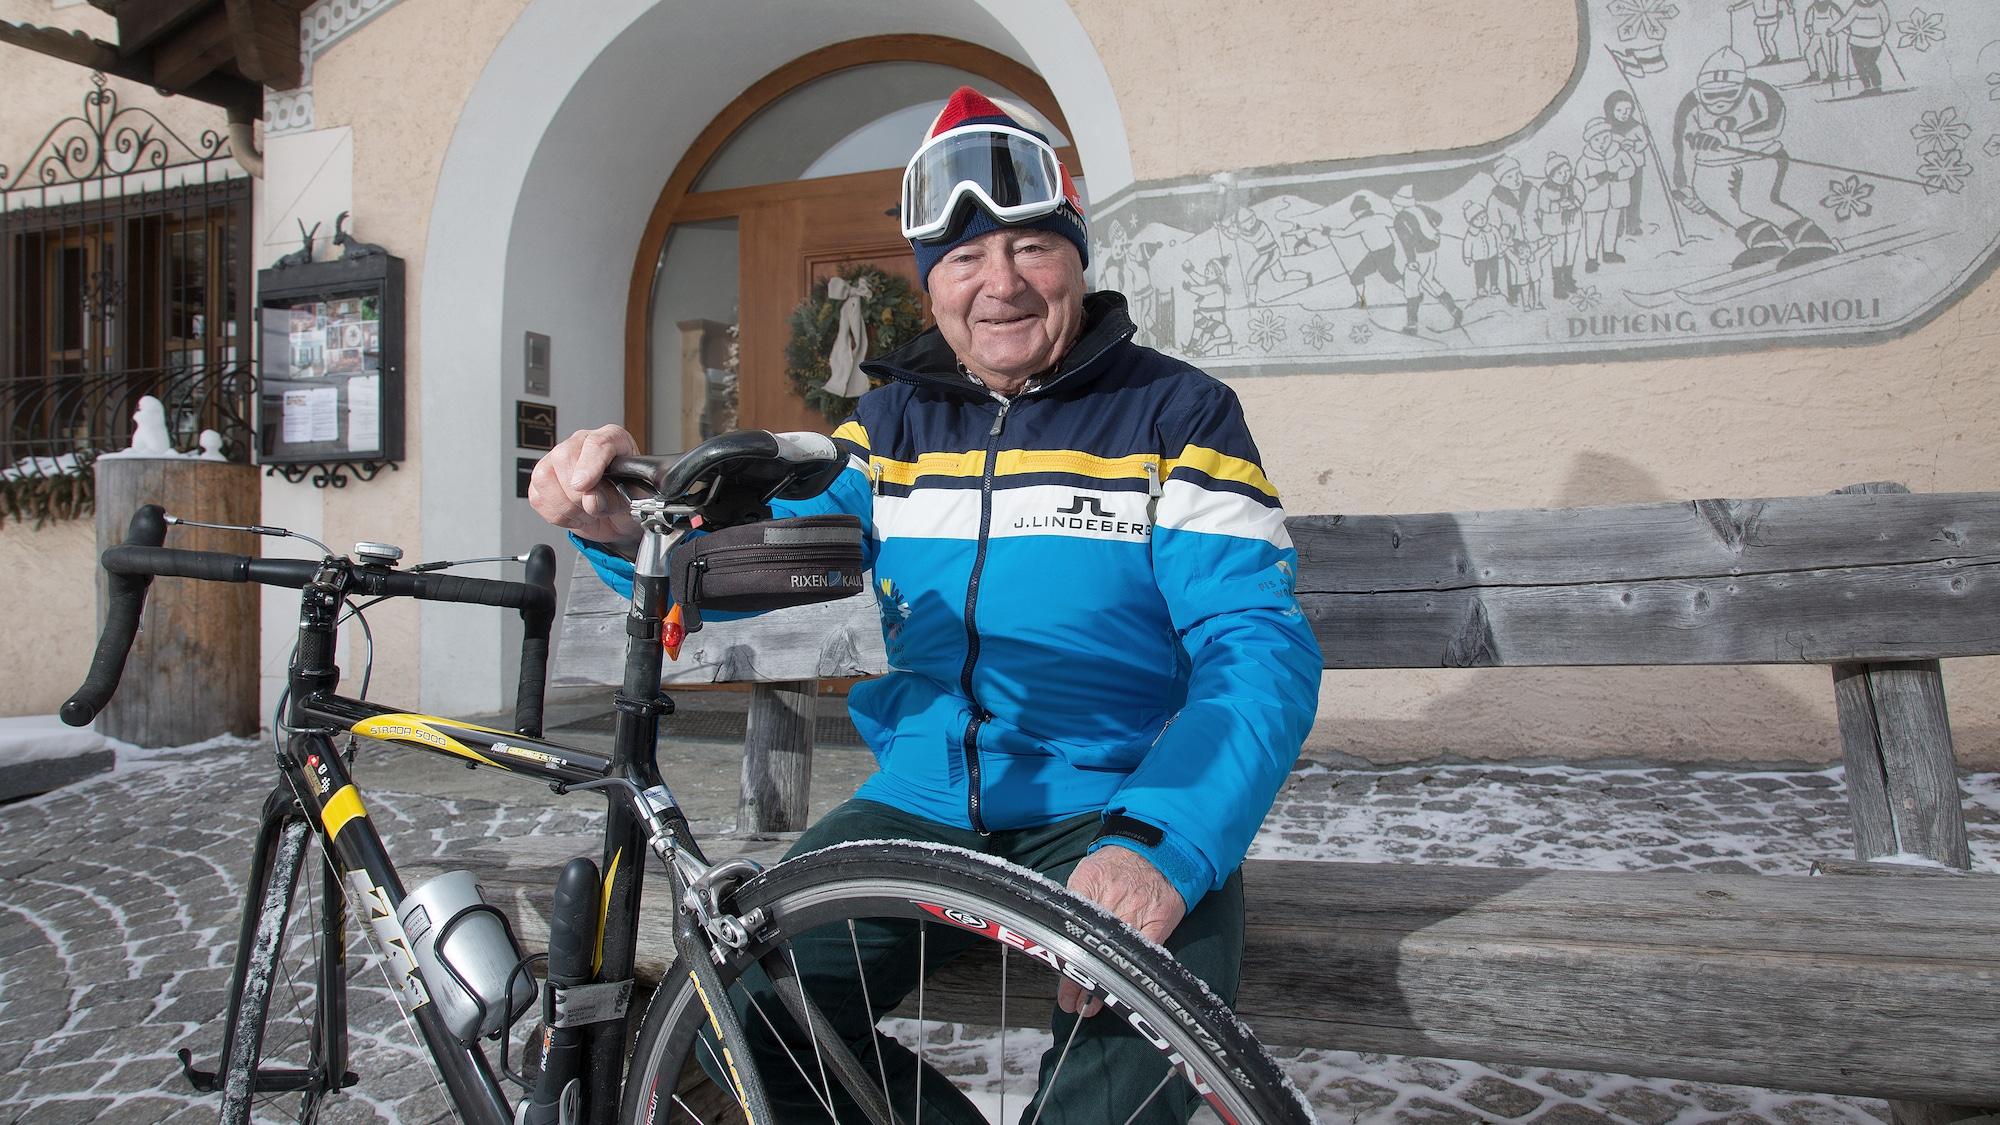 Altmeister tritt in die Pedale: Ski-Legende Giovanoli (79) muss wegen Yule Wette einlösen